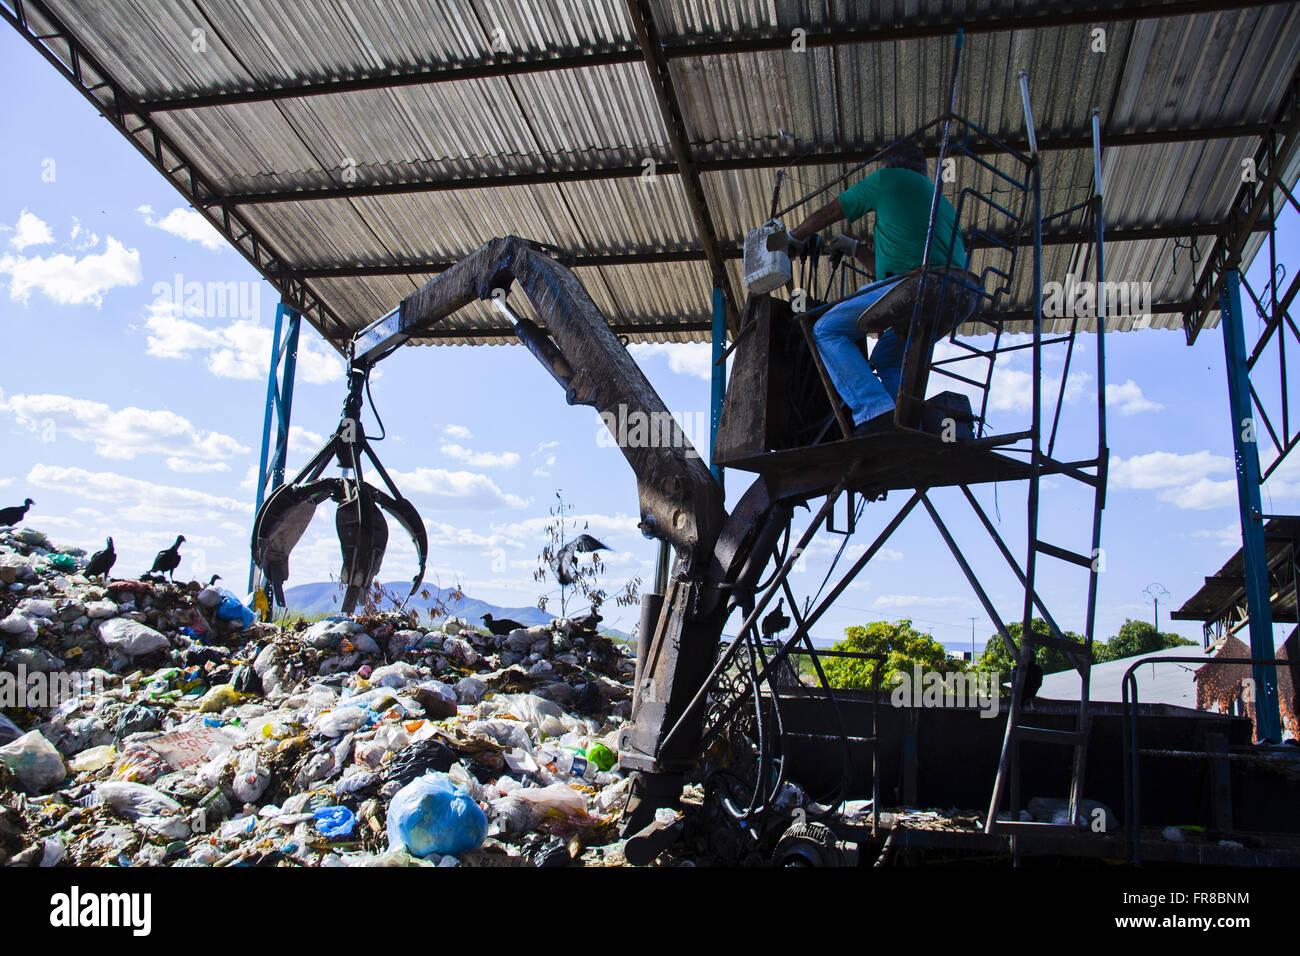 ARPA - Alternative Recycling Paulo Afonso Stockbild